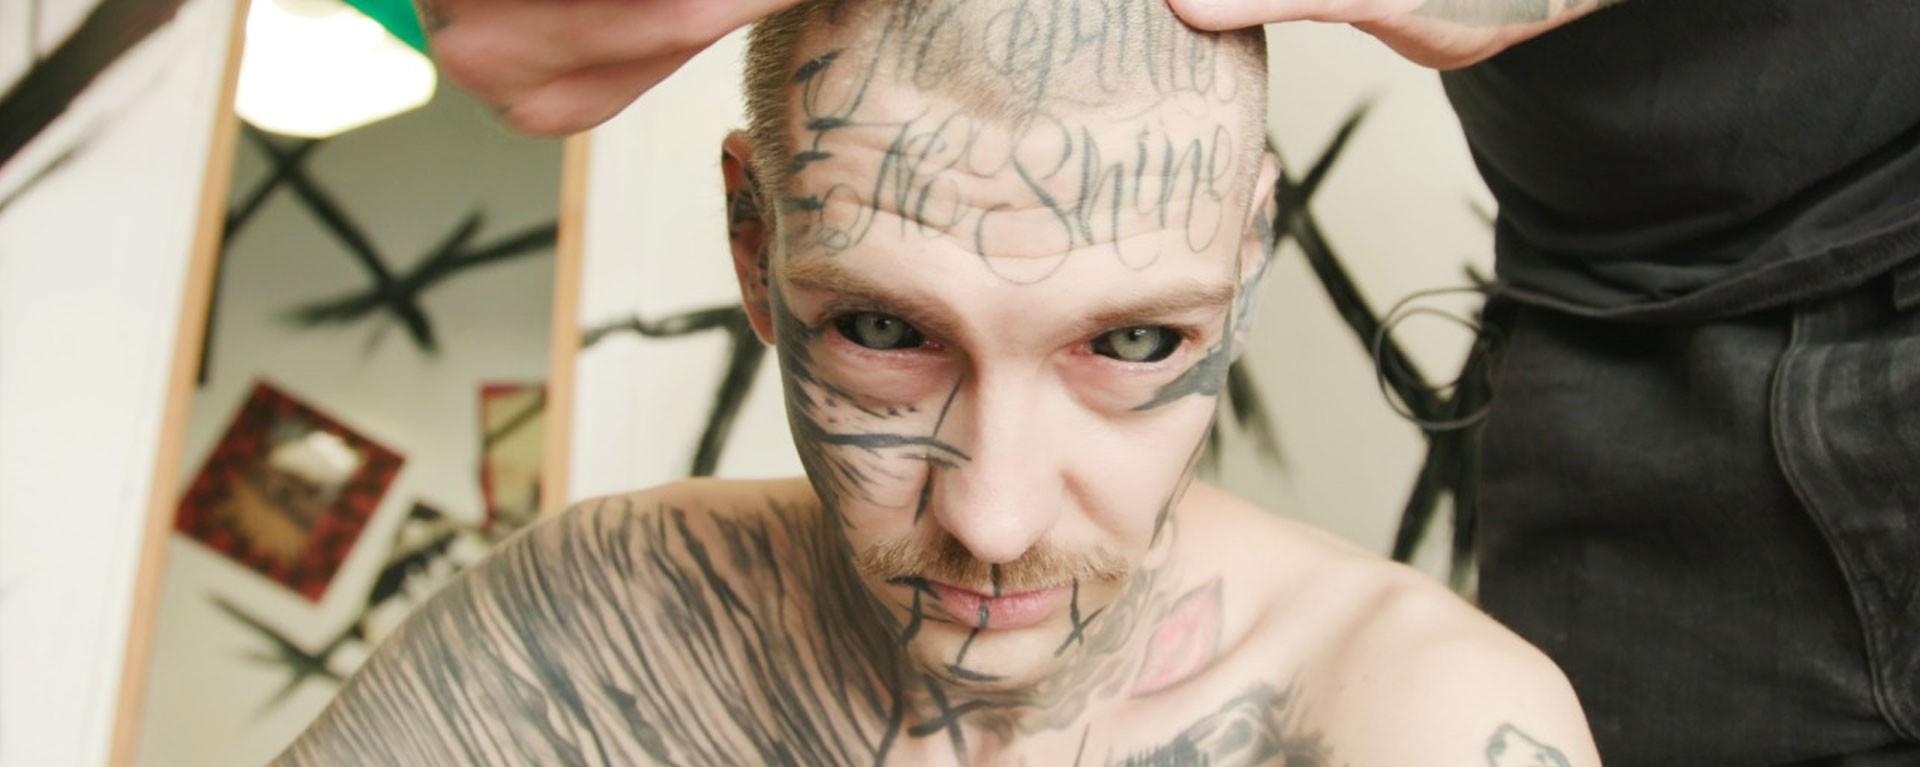 Männer für unterarm tattoos Tattoo Unterarm